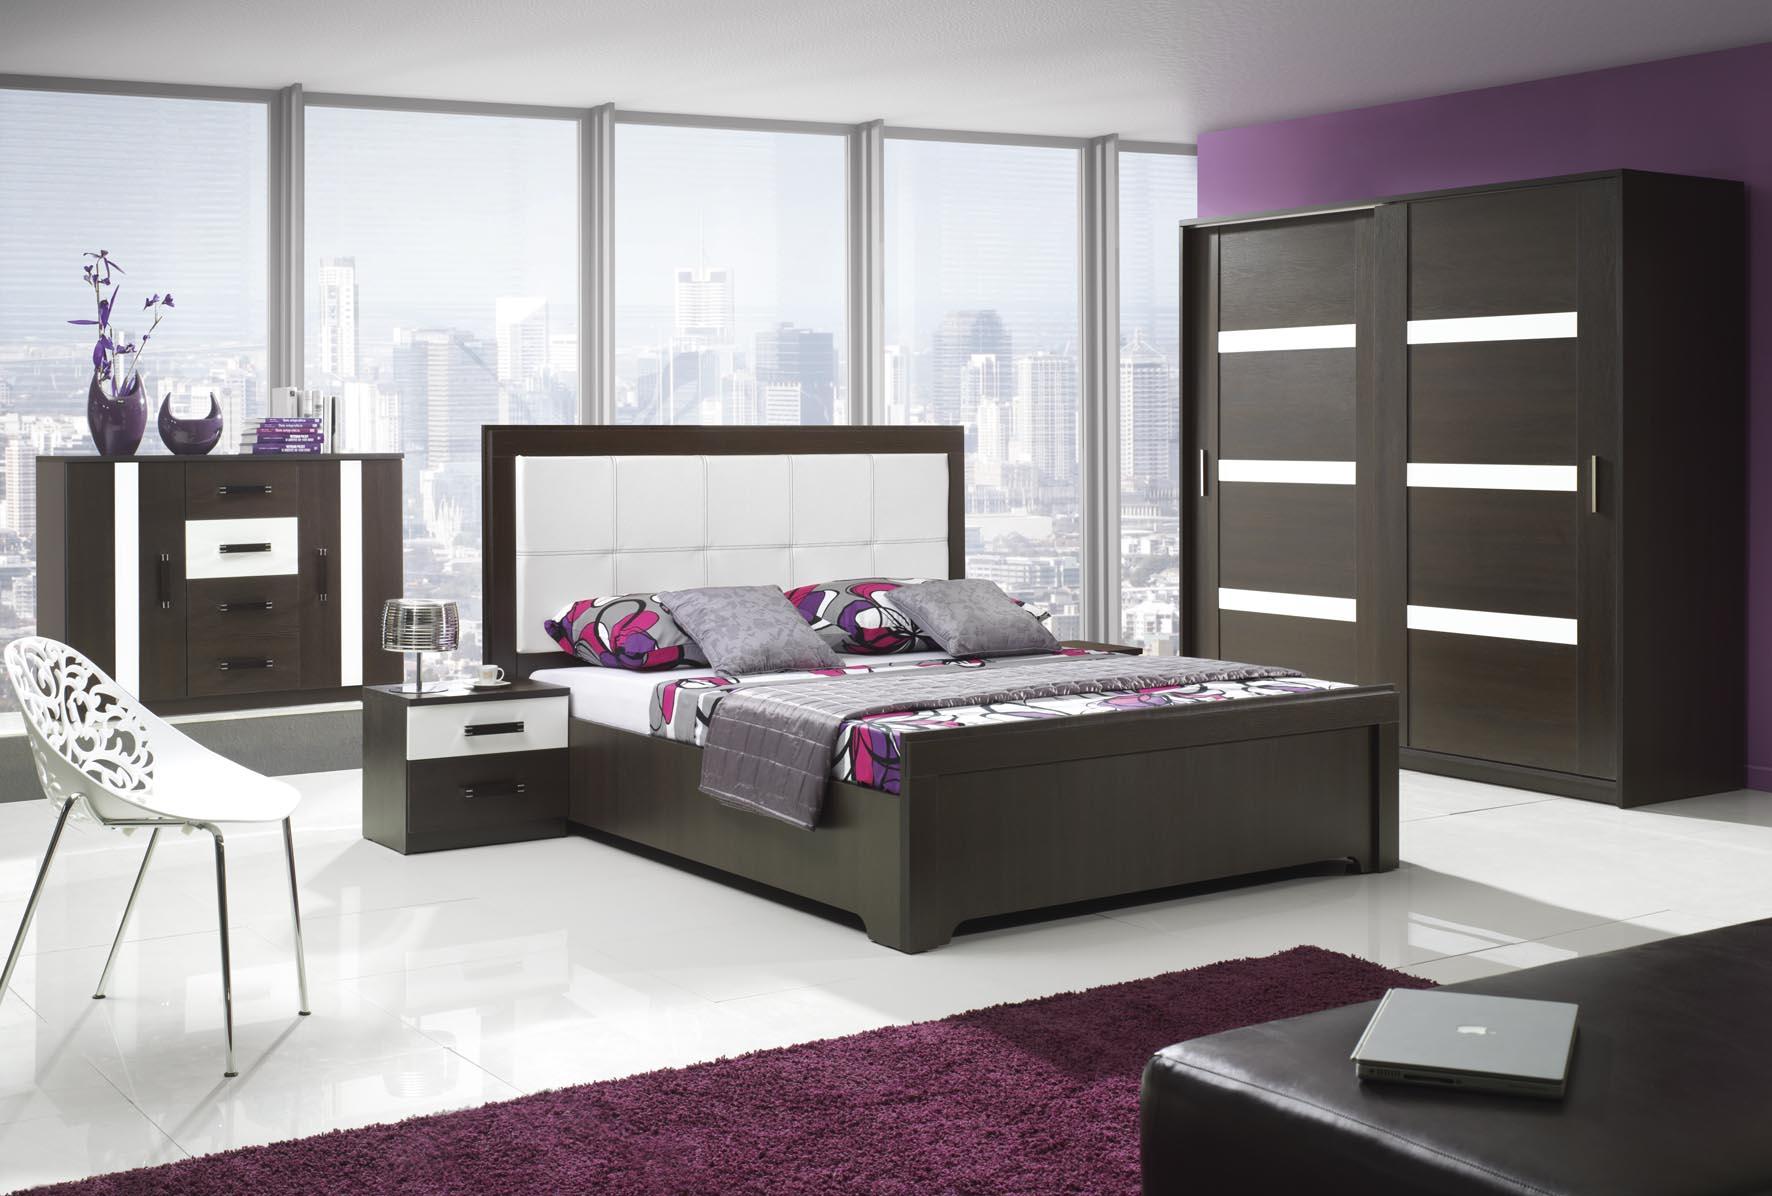 bedroom-furniture-set